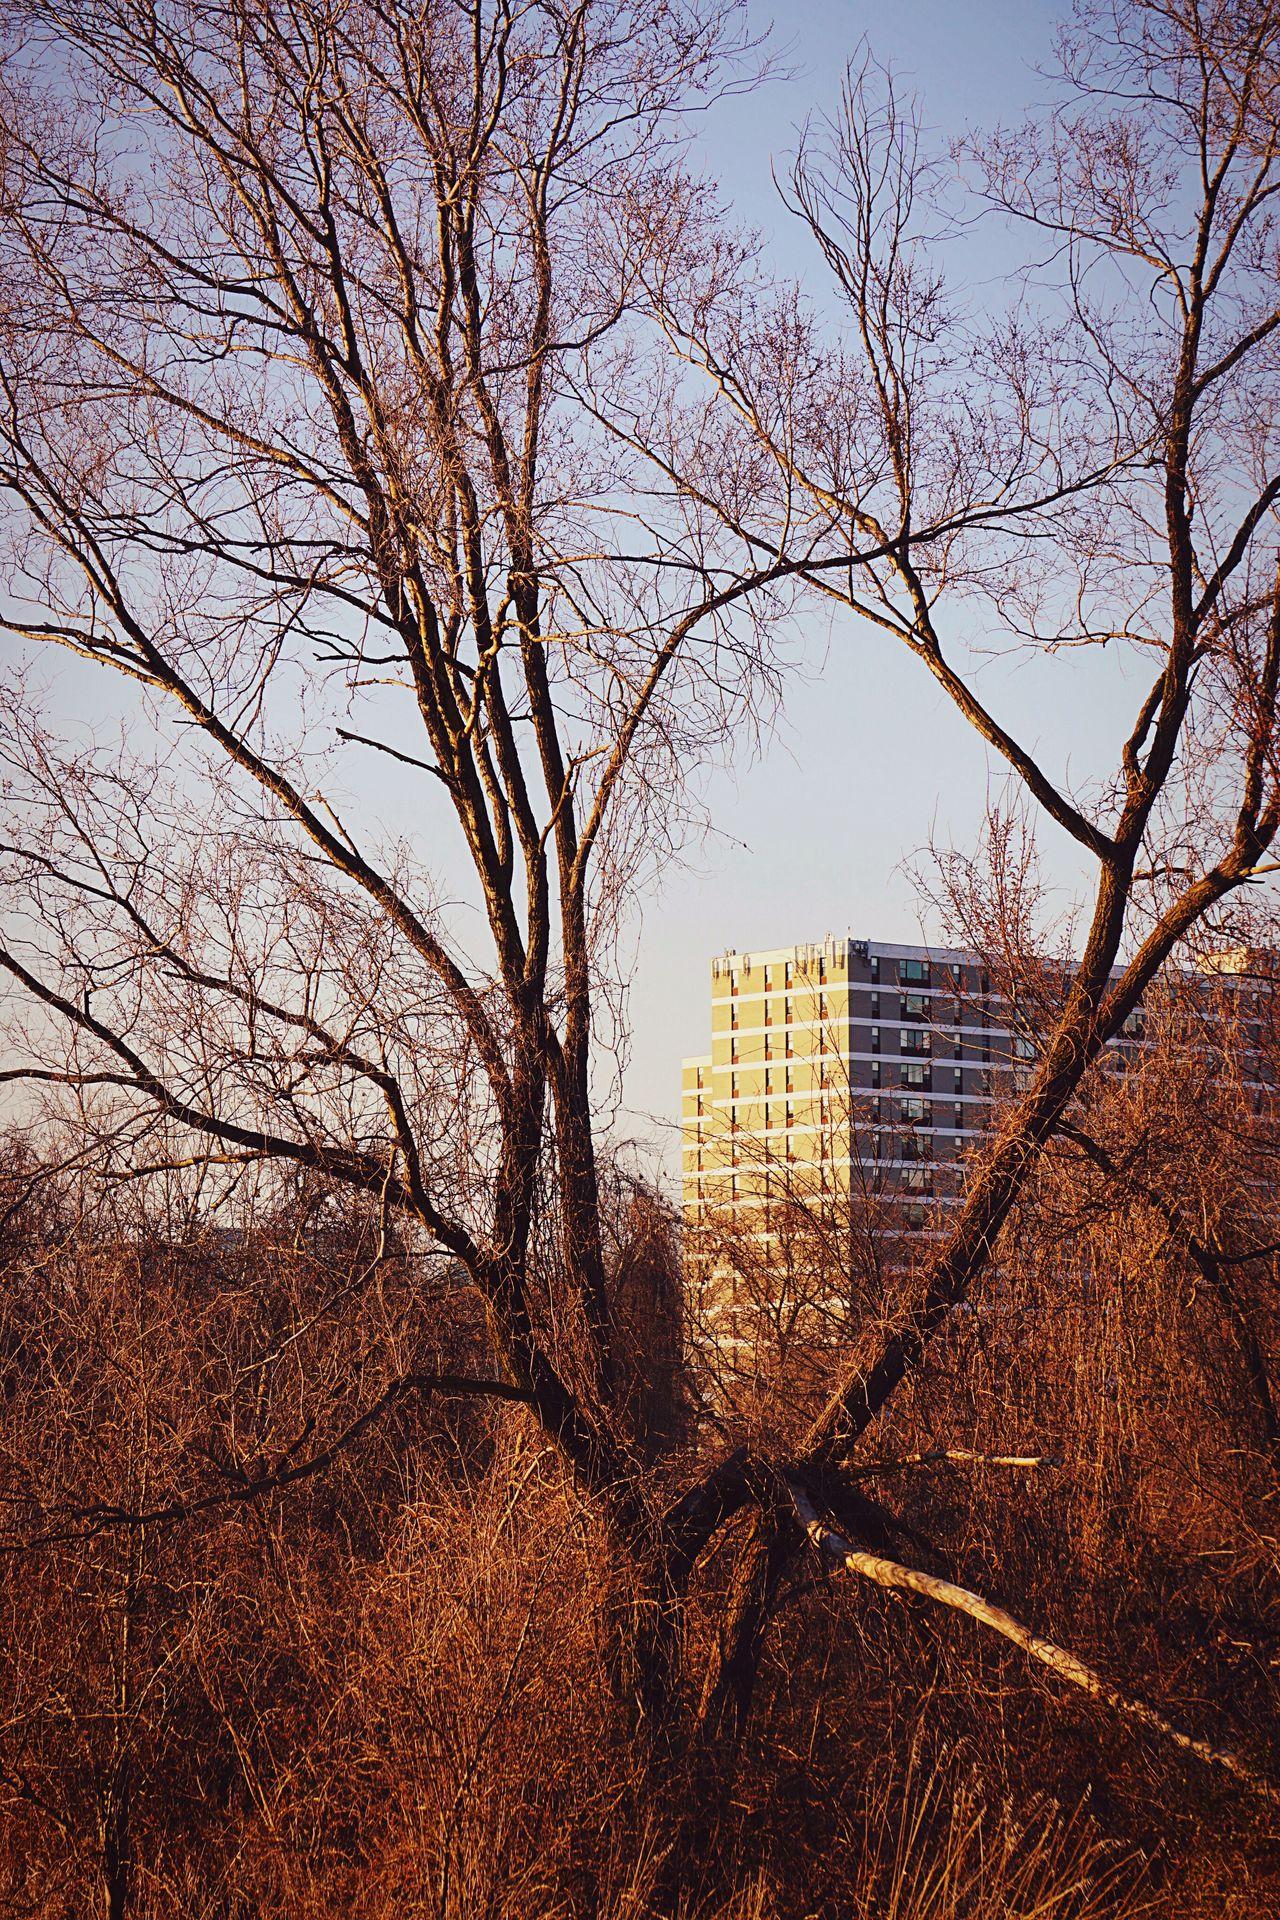 Peeking Alexandria, VA Trees Condo Apartments City Life Small City Life Peeking Peeking Through At The Park